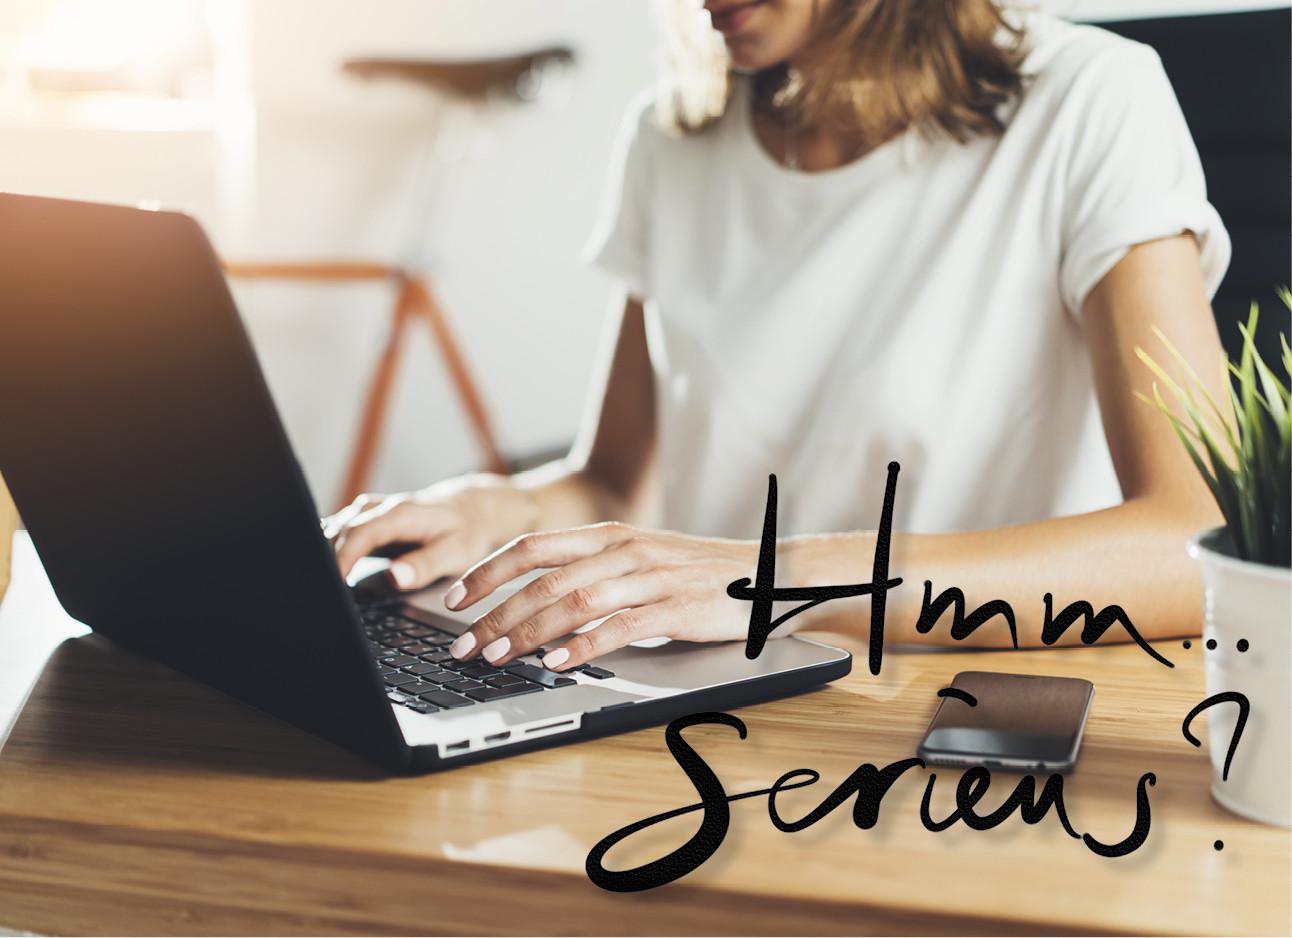 een meisje dat achter haar laptop zit en werkt